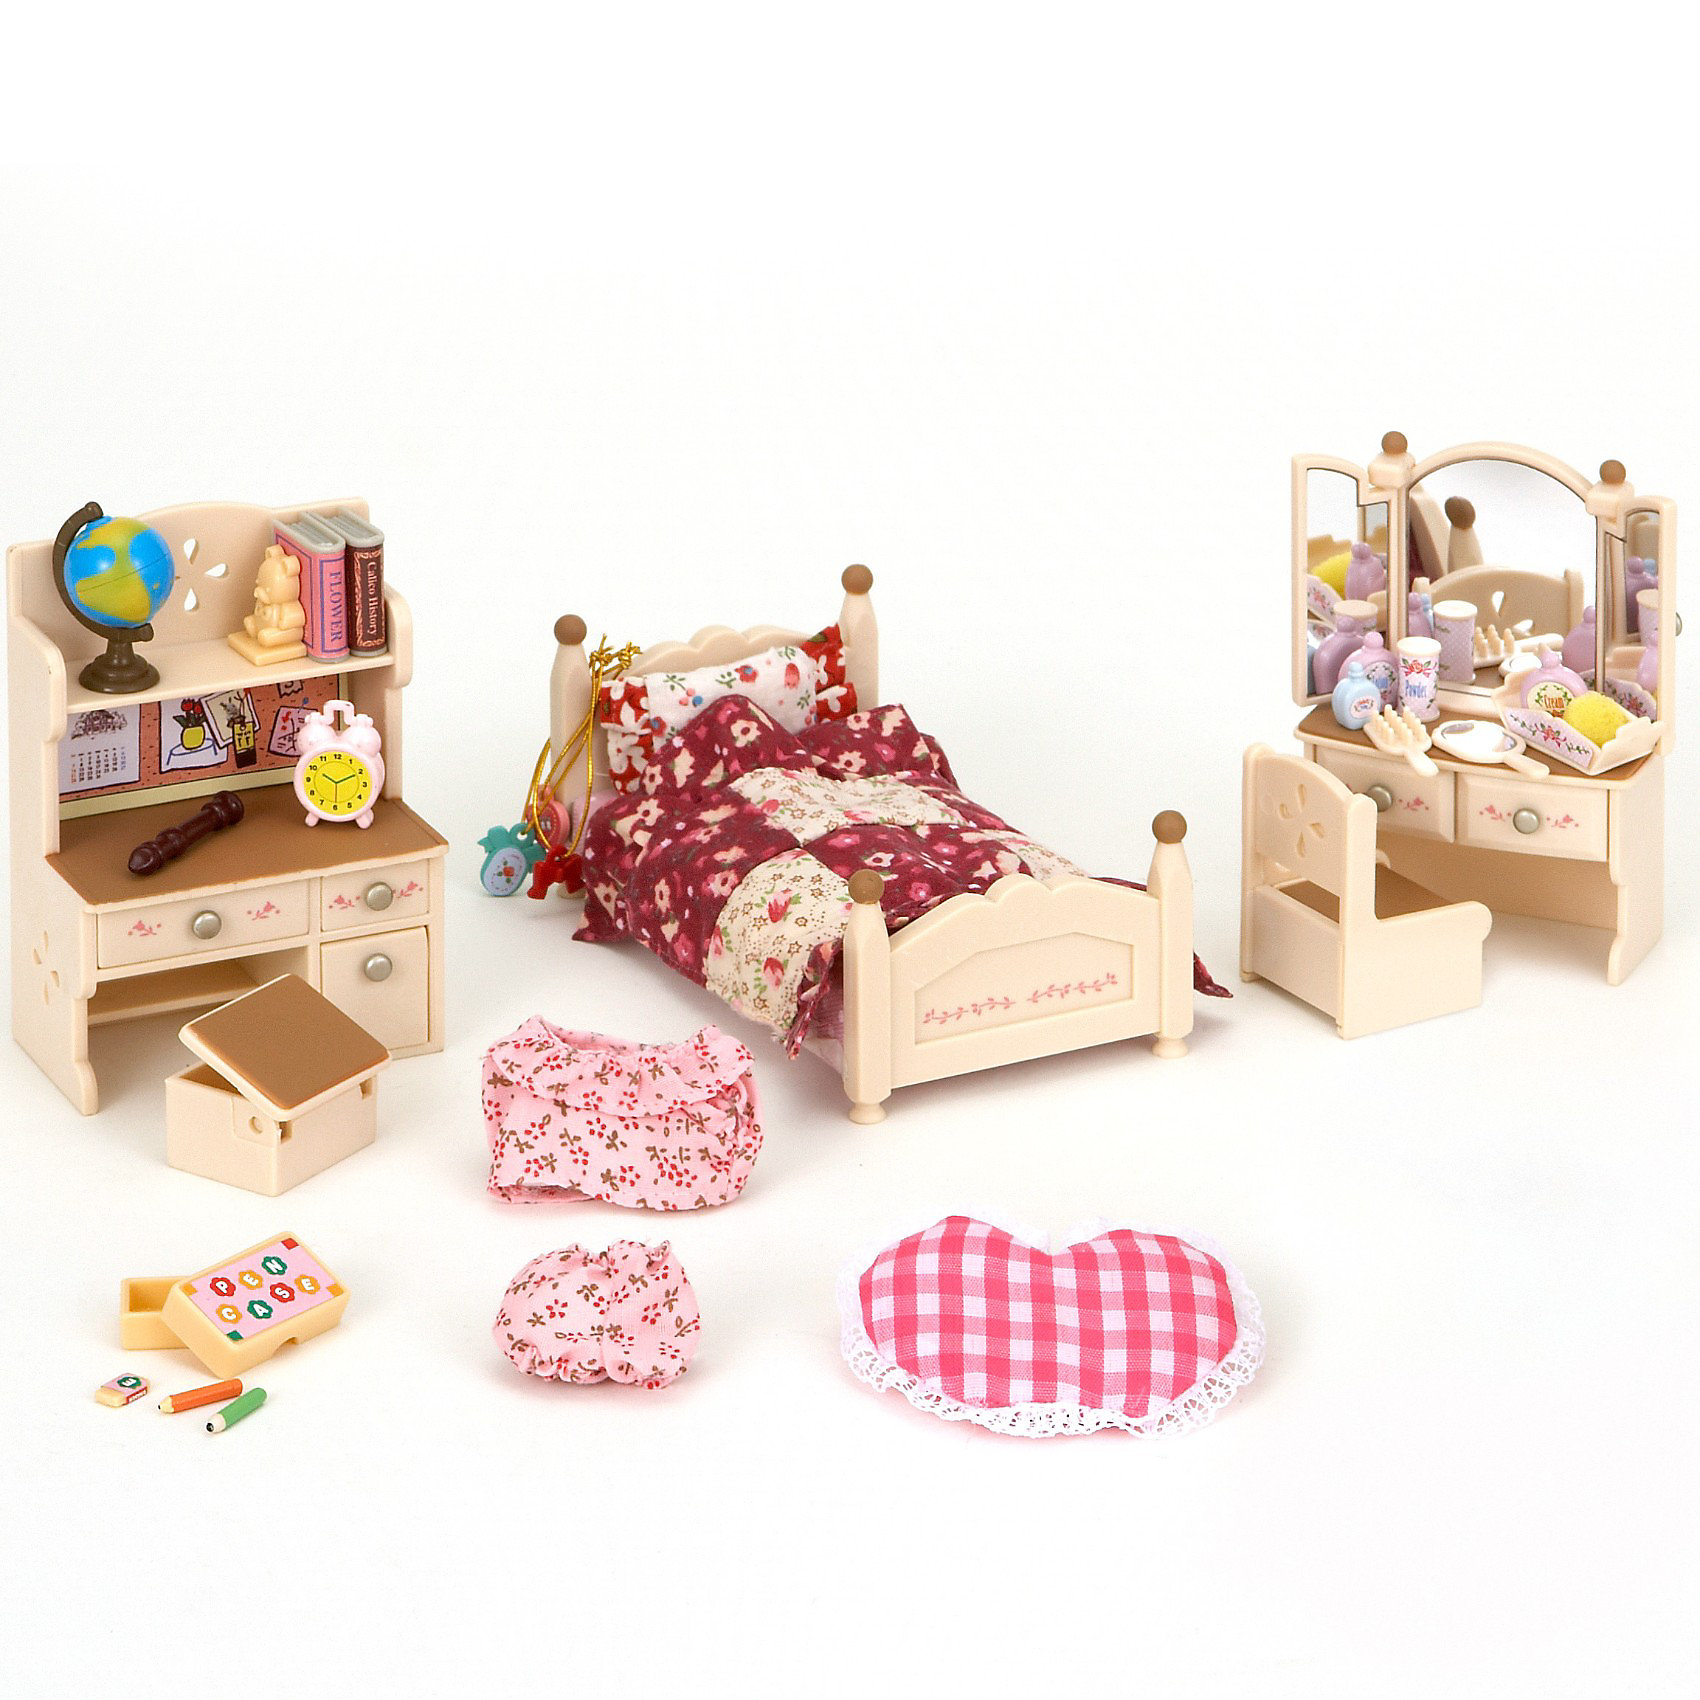 Набор Детская комната Sylvanian FamiliesSylvanian Families<br>Набор Детская комната (бежевая) - отличная спальня для девочки из большого семейства Sylvanian Families (Сильваниан Фэмилиес), где есть подростковая кровать, заправленная постельным бельем в стиле пэчворк. <br><br>В набор входит розовая пижама, трельяж, куда можно поставить разнообразные флакончики, положить расческу и маленькое  зеркальце, а в ящики трельяжа можно убрать украшения. <br><br>Кроме того, есть письменный стол с полкой, за которым удобно делать уроки, а на полке отлично поместятся книги и глобус. В спальный гарнитур также входит кресло и пуфик с открывающейся крышкой, клетчатая оригинальная подушка в форме сердца.<br><br>В наборе: <br><br>- Кровать (9х5x5 см)<br>- Туалетный столик <br>- Кресло <br>- Пуфик<br>- Стол (6,5x4x9,5 см) <br>- Аксессуары<br><br>Дополнительная информация:   <br><br>- Материал: пластик. <br>- Размер упаковки: 30x7x15 см. <br>- Вес упаковки: 200 г.<br><br>Ширина мм: 304<br>Глубина мм: 172<br>Высота мм: 66<br>Вес г: 336<br>Возраст от месяцев: 36<br>Возраст до месяцев: 72<br>Пол: Женский<br>Возраст: Детский<br>SKU: 2531412